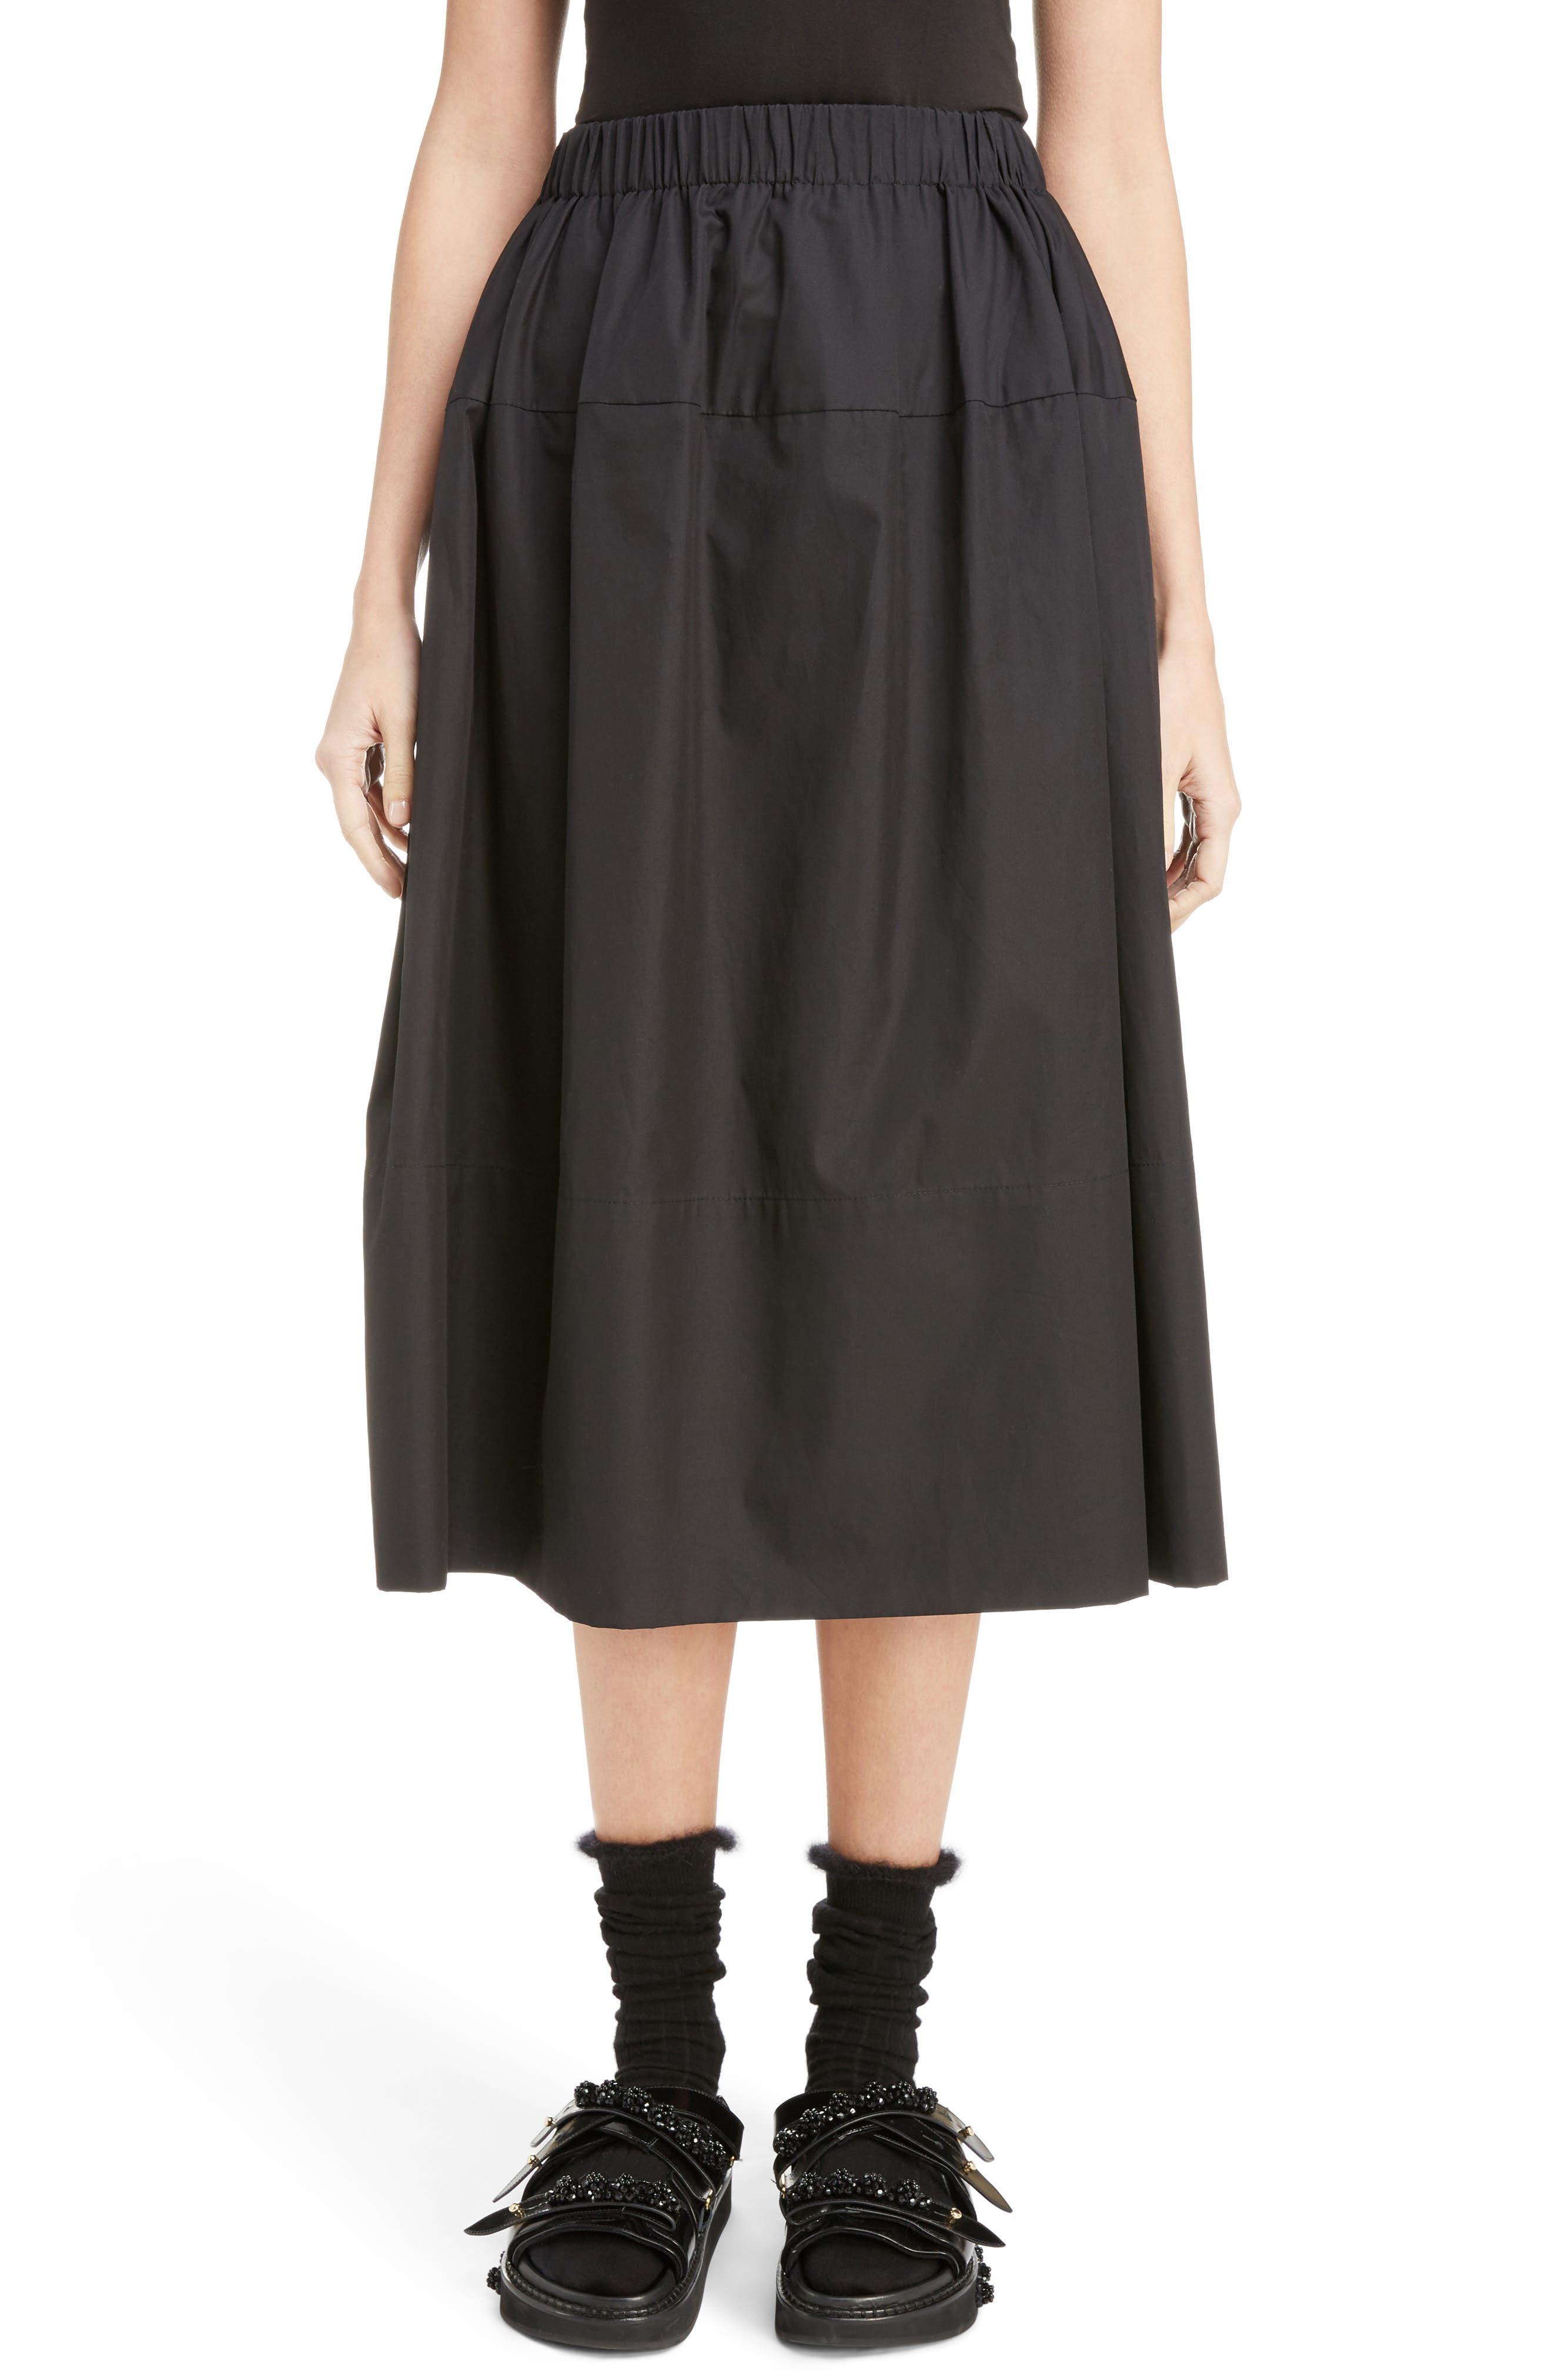 Simone Rocha Beaded Lantern Skirt